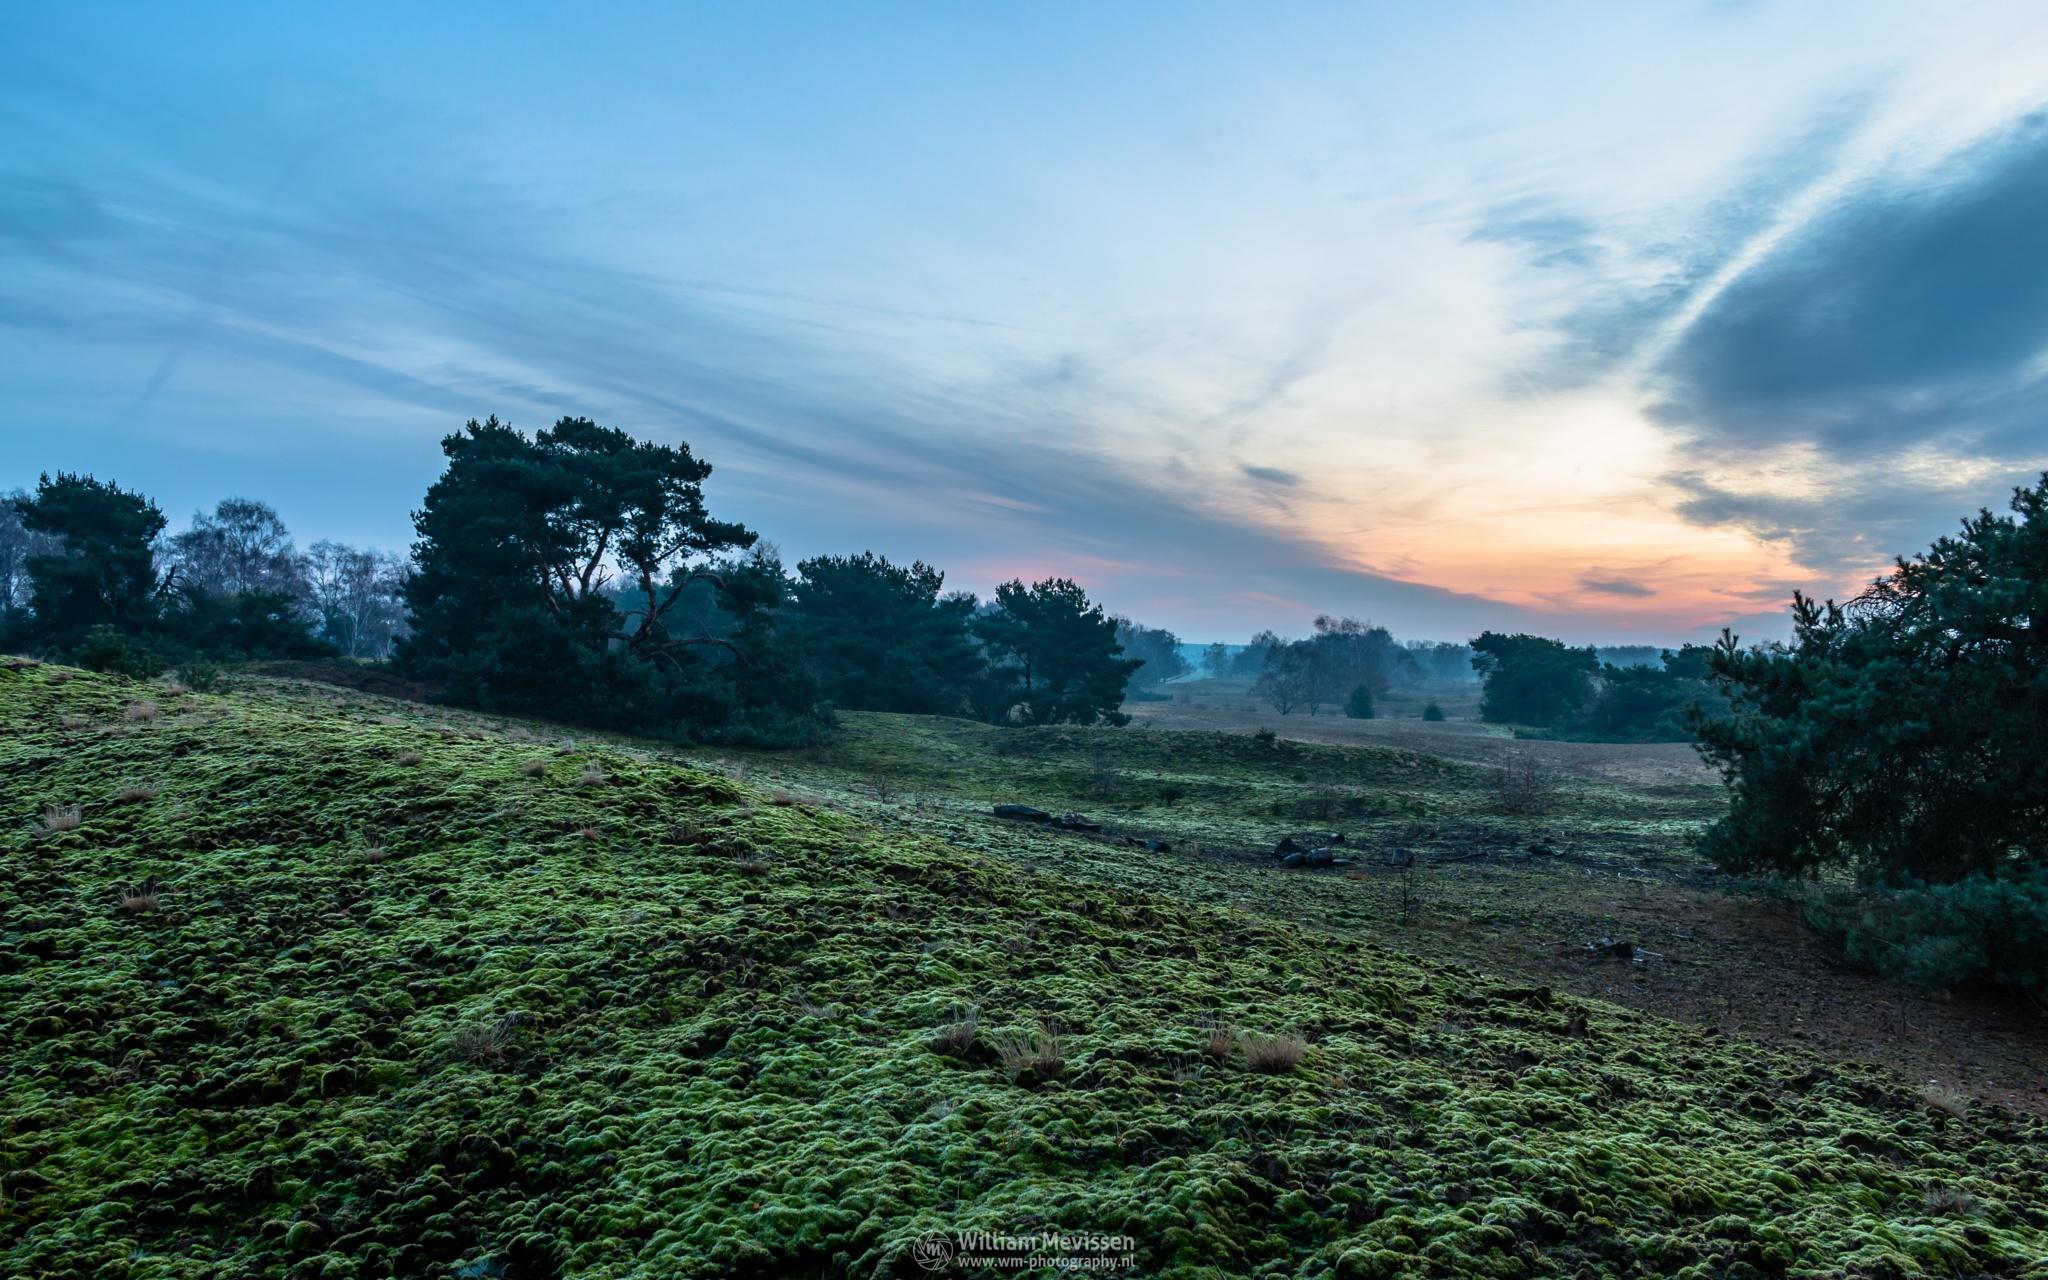 Moss by William Mevissen